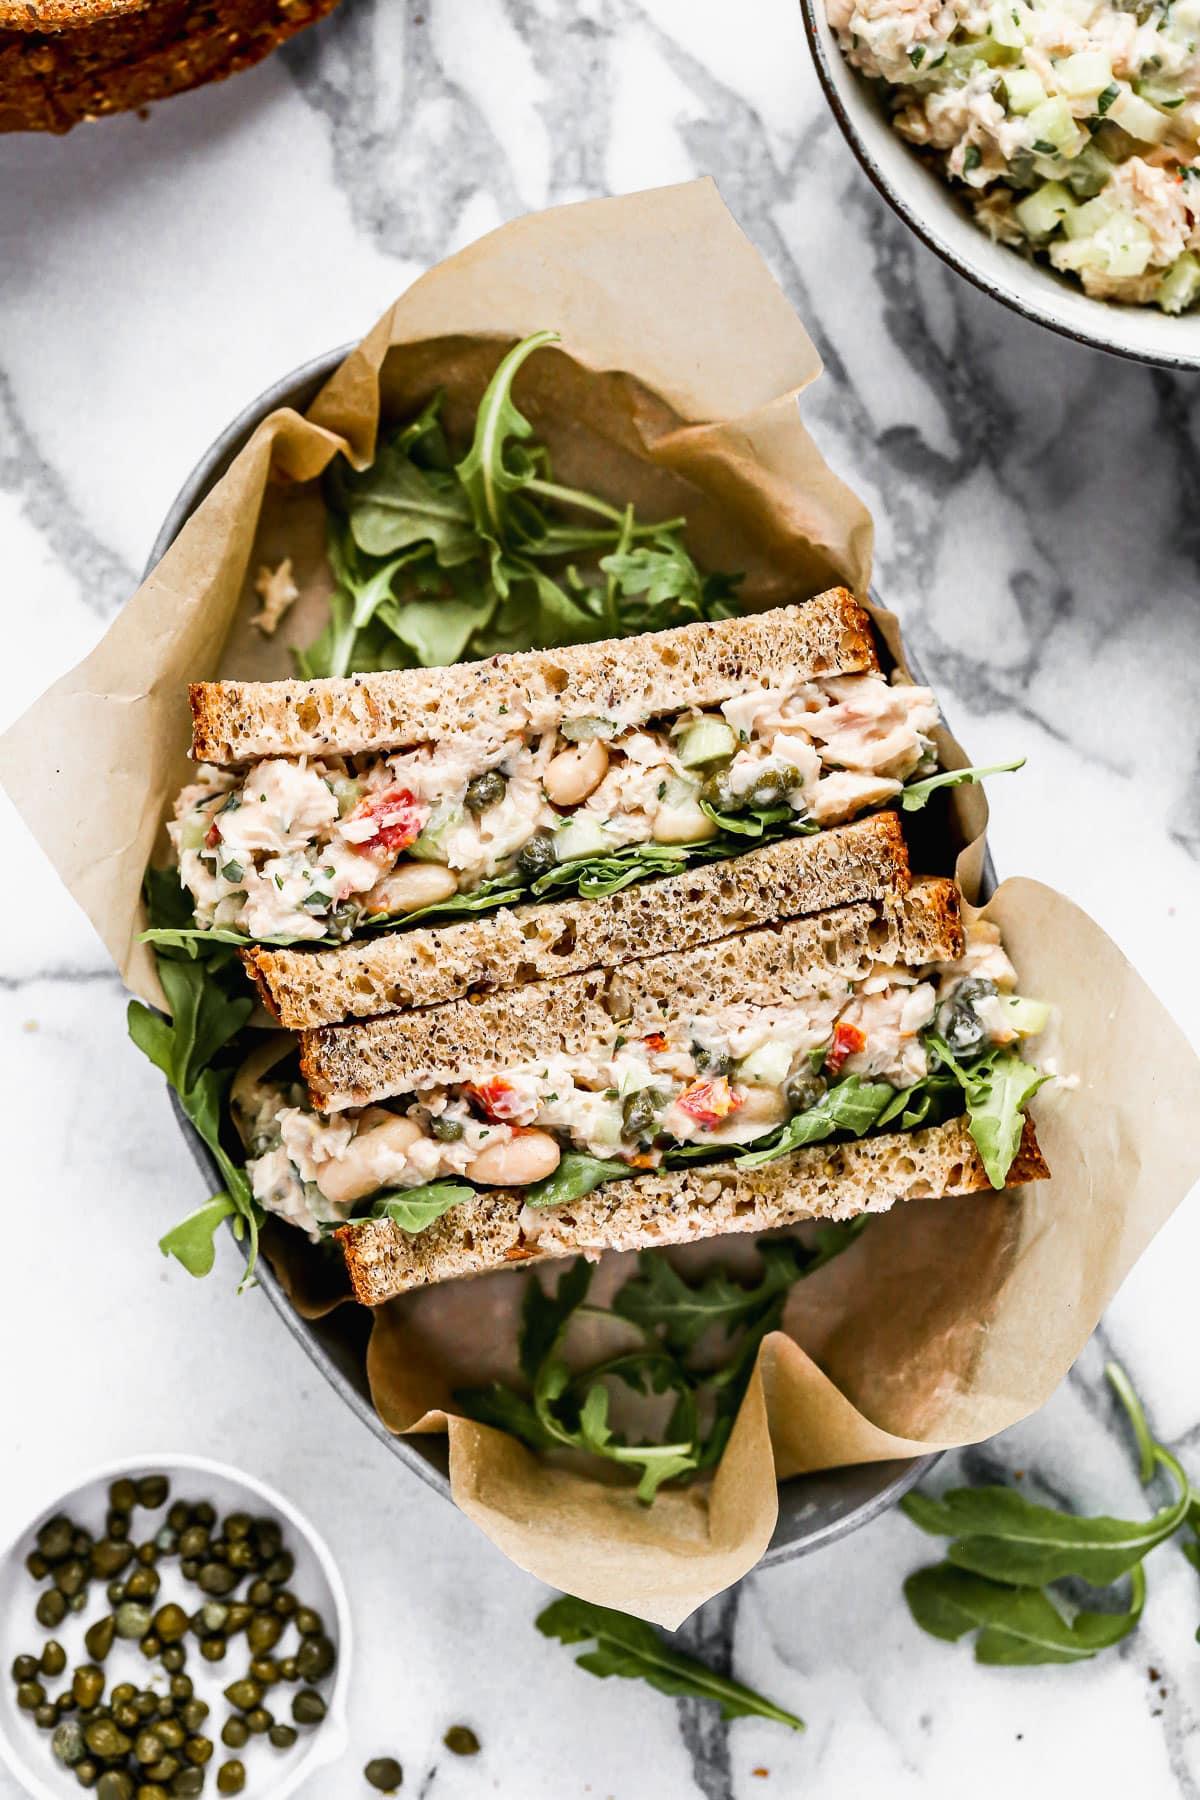 Un saludable sándwich de atún italiano con rúcula